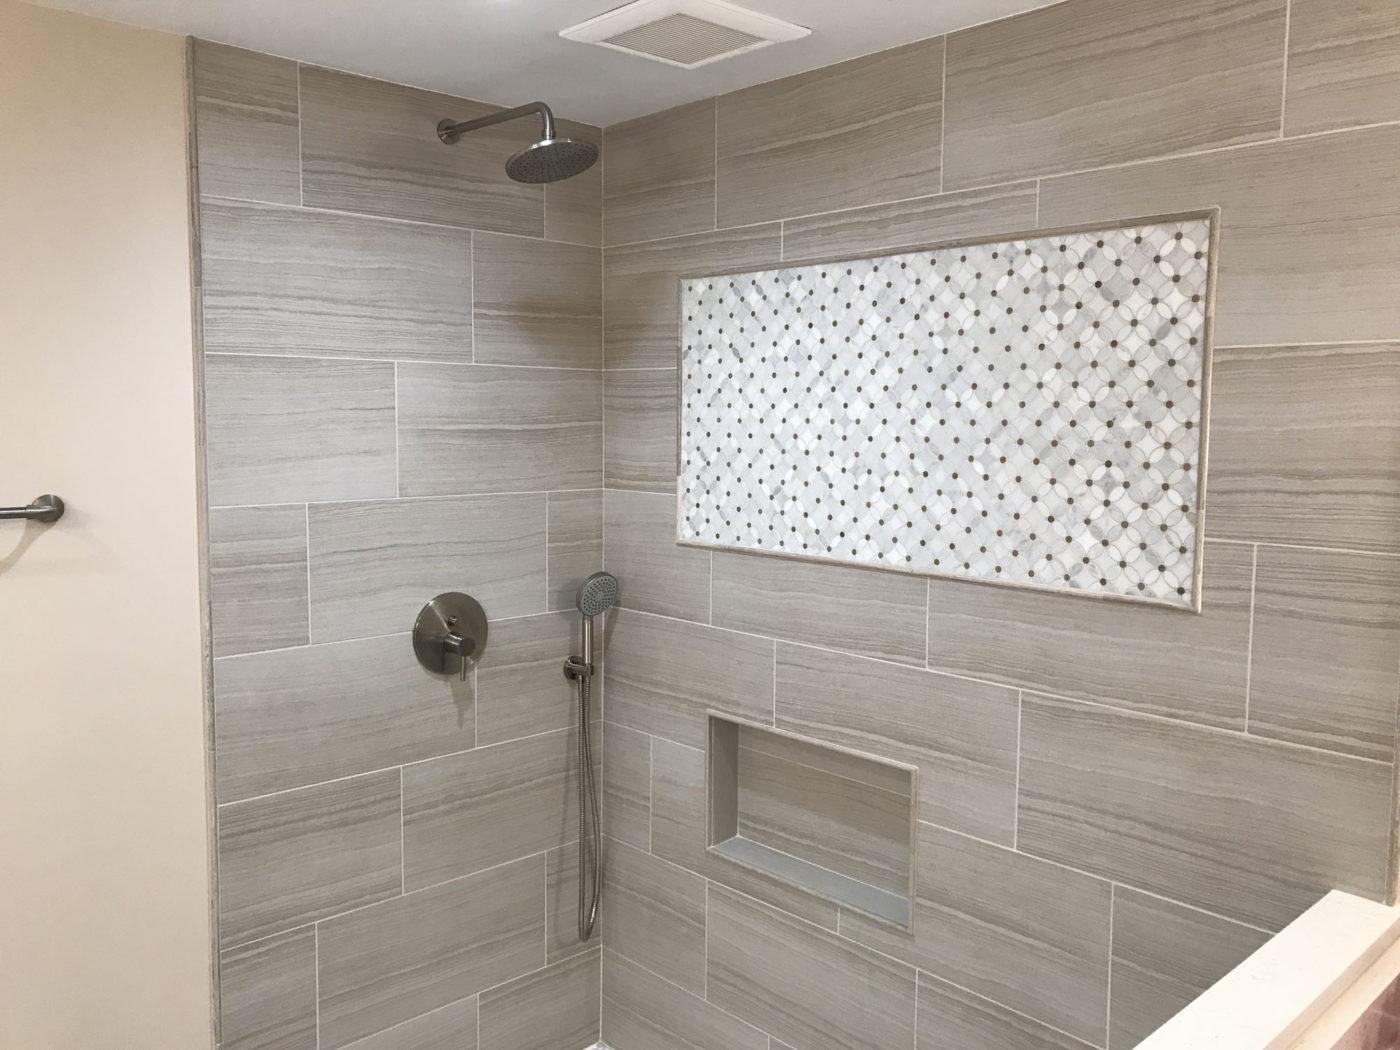 Bathroom remodeling in Hoffman Estates - new shower and tile